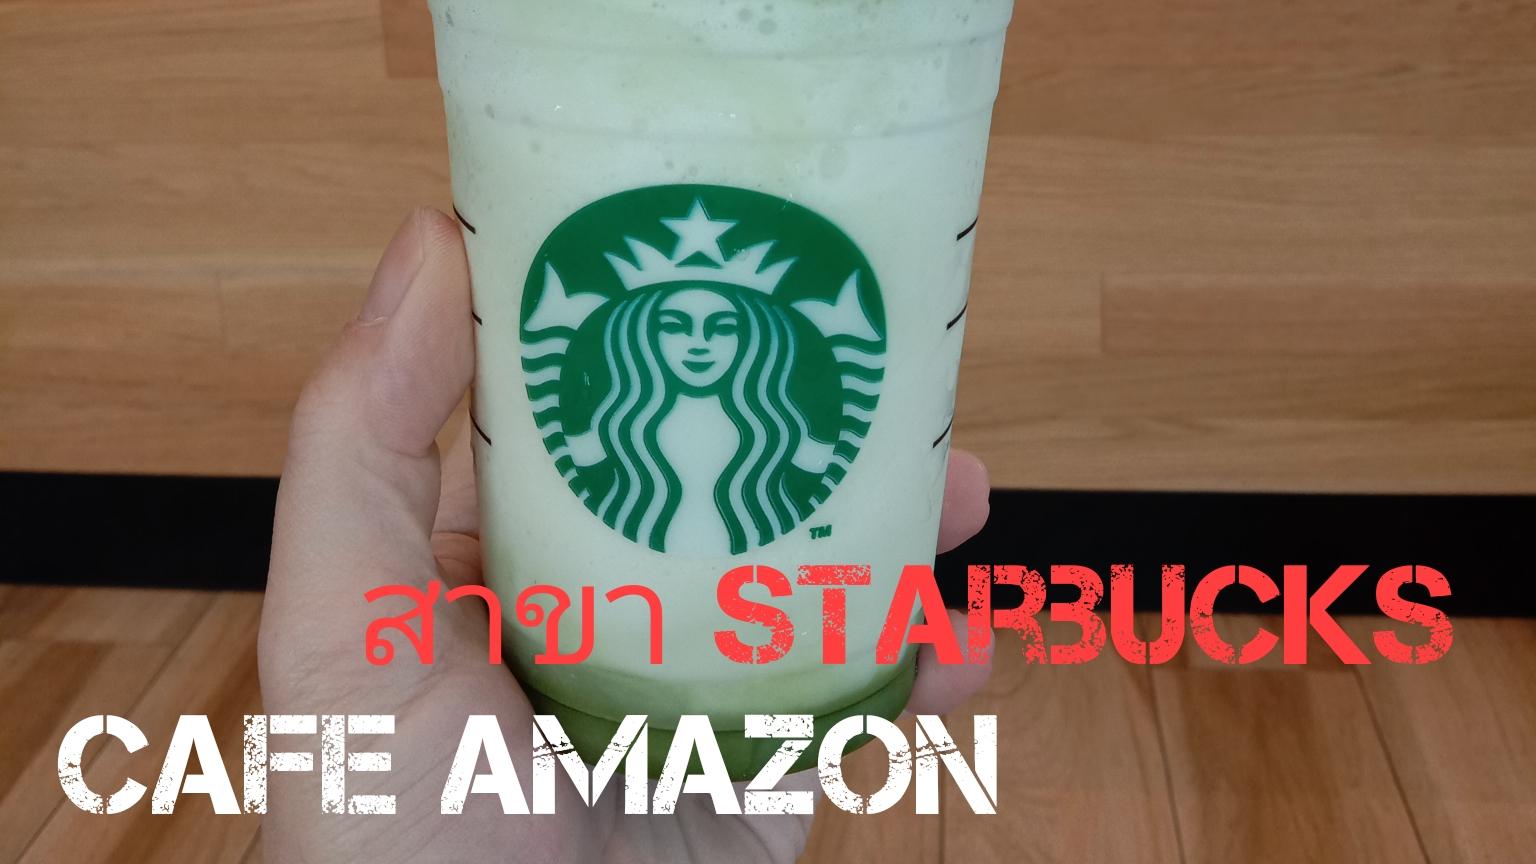 Starbucks และ Cafe Amazon ขยายสาขา กระหน่ำตั้งร้านกาแฟ ราว 7-Eleven